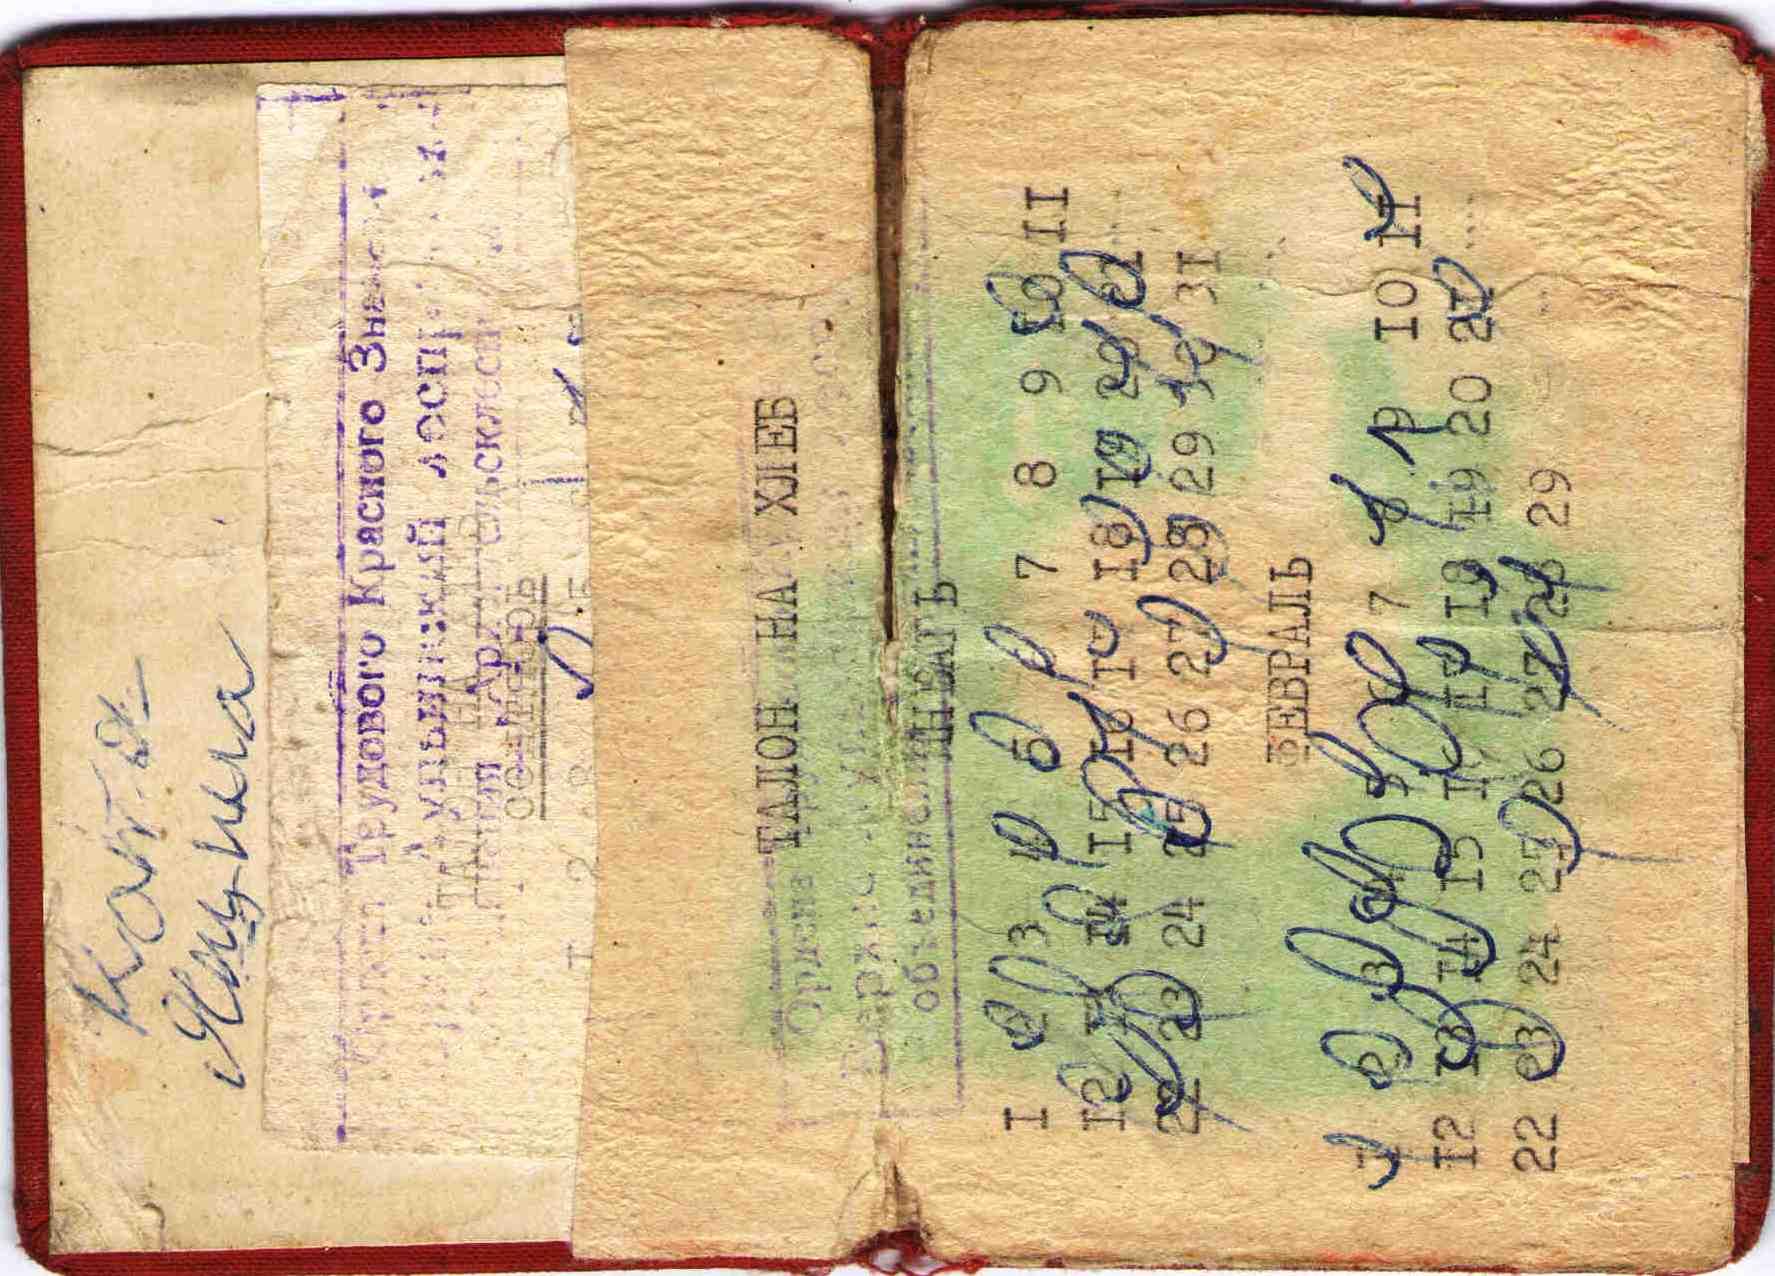 126. Удостоверение к медали Медаль материнства, Барыкина МГ, 1990-91